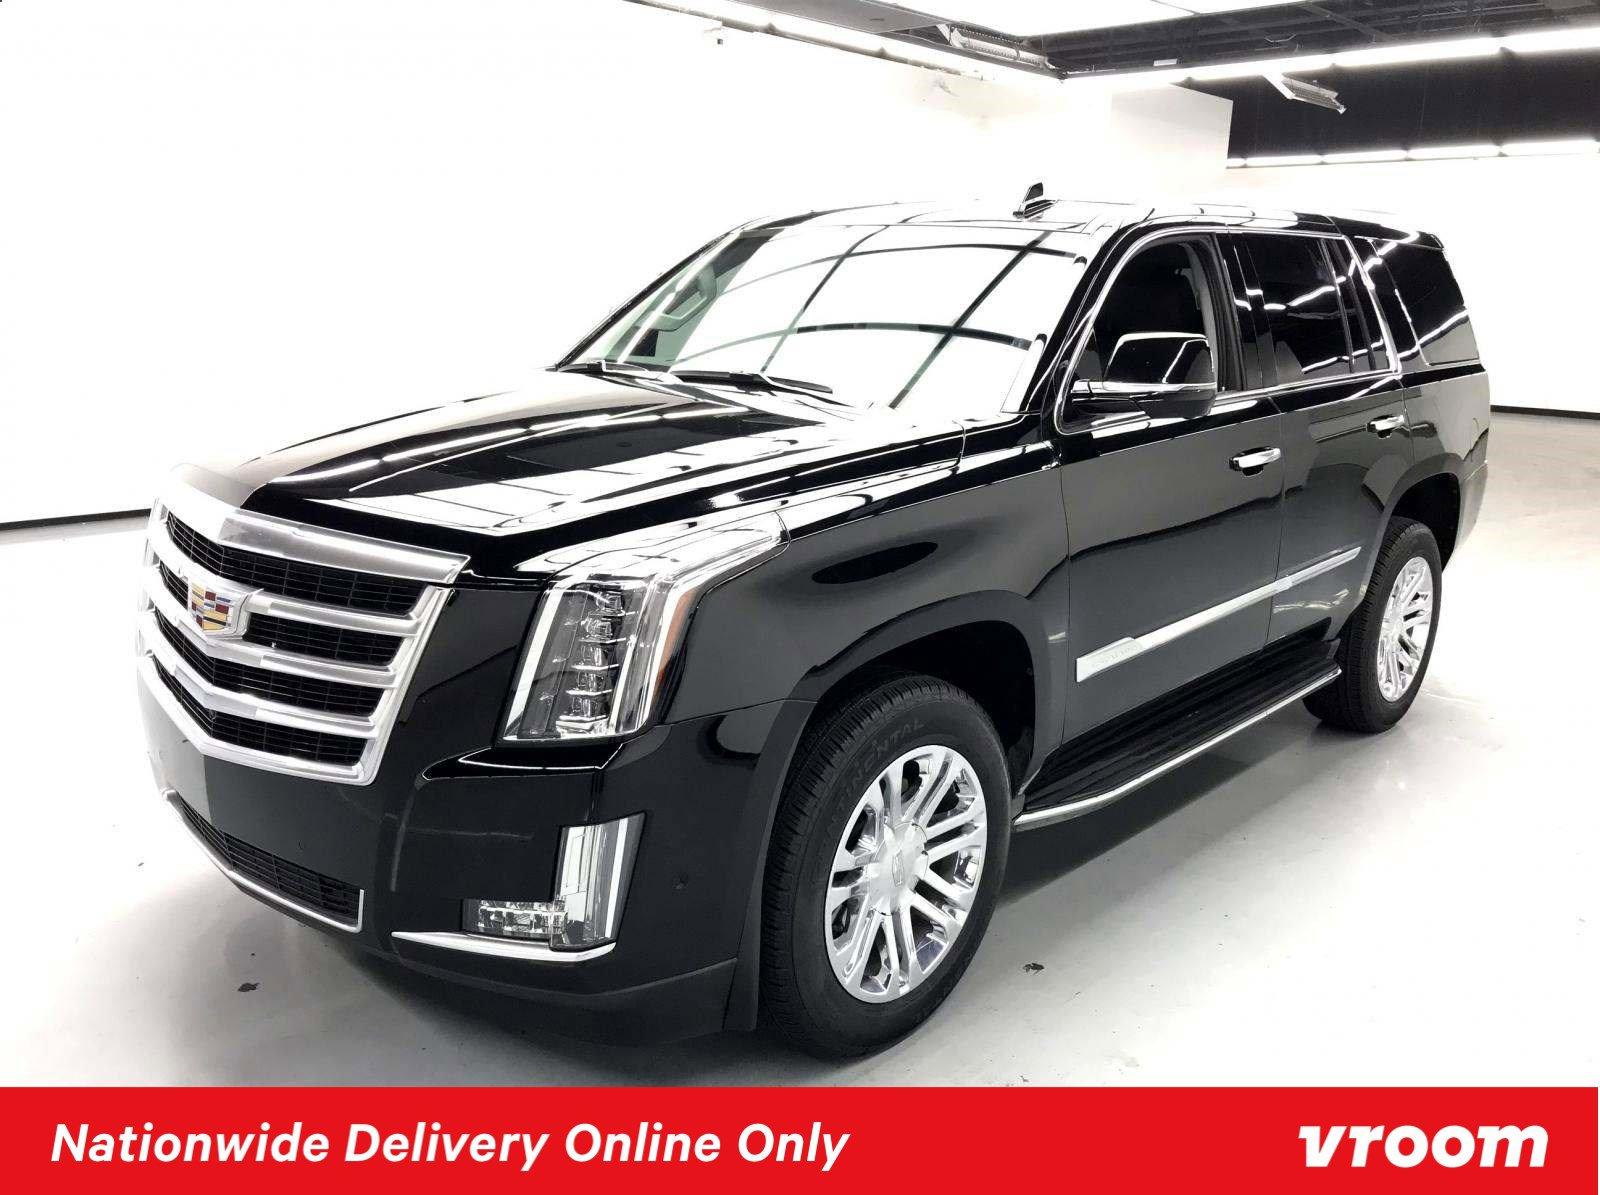 2018 Cadillac Escalade 2WD image